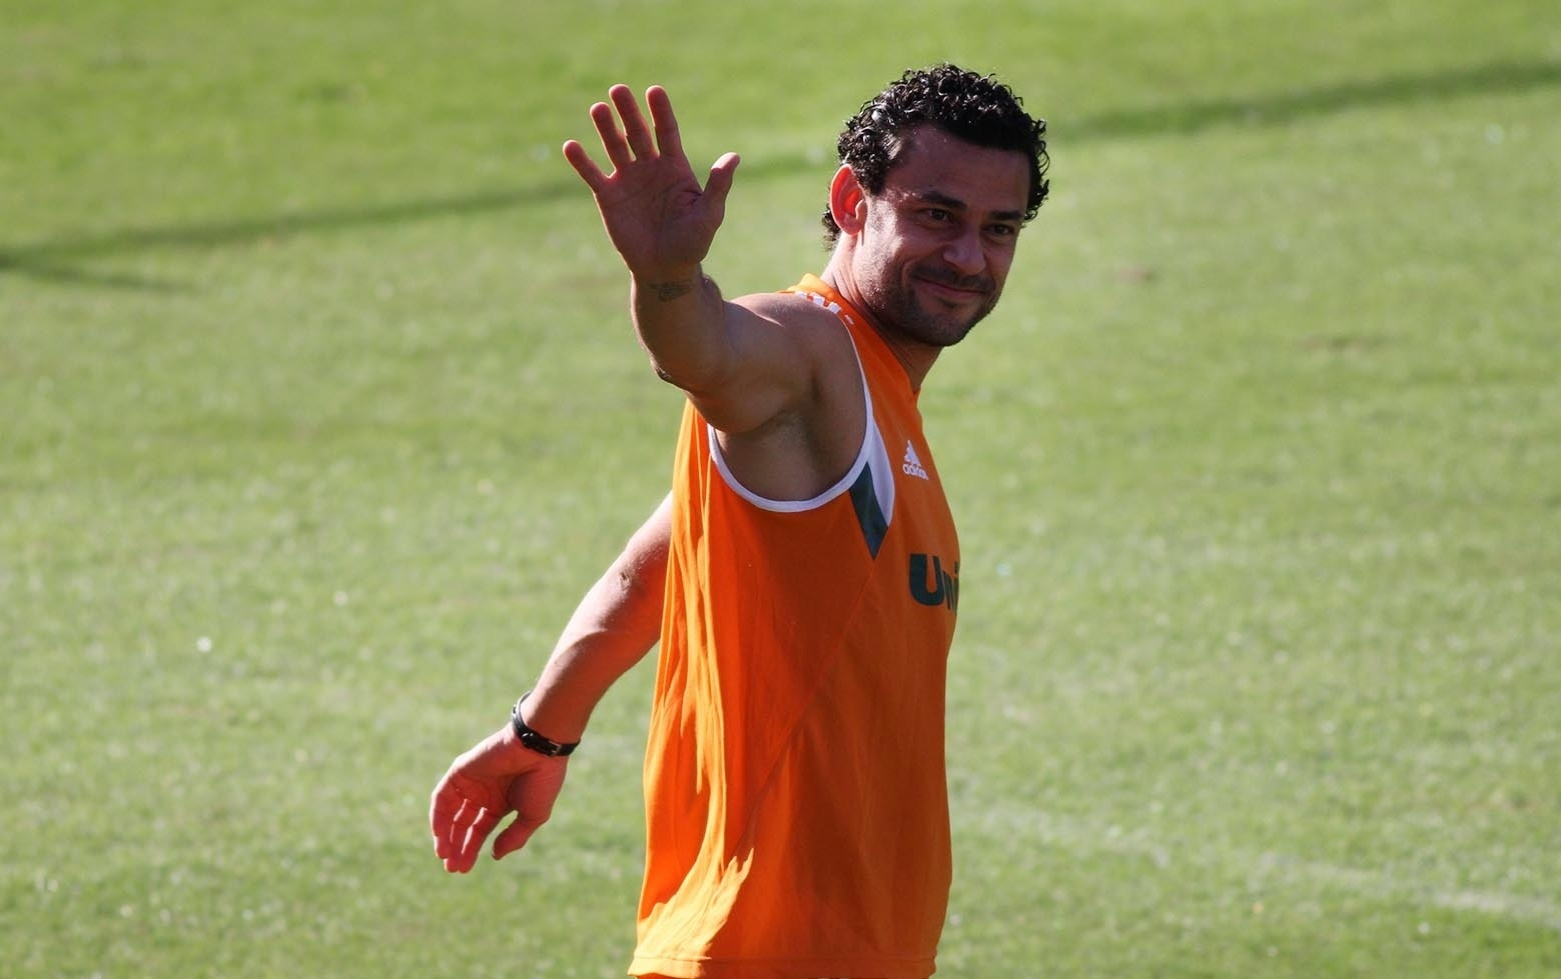 24 jul. 2014 - Fred acena para torcedores que o recepcionaram durante treino do Fluminense; atacante voltou às Laranjeiras após receber folga de dez dias por causa da Copa do Mundo